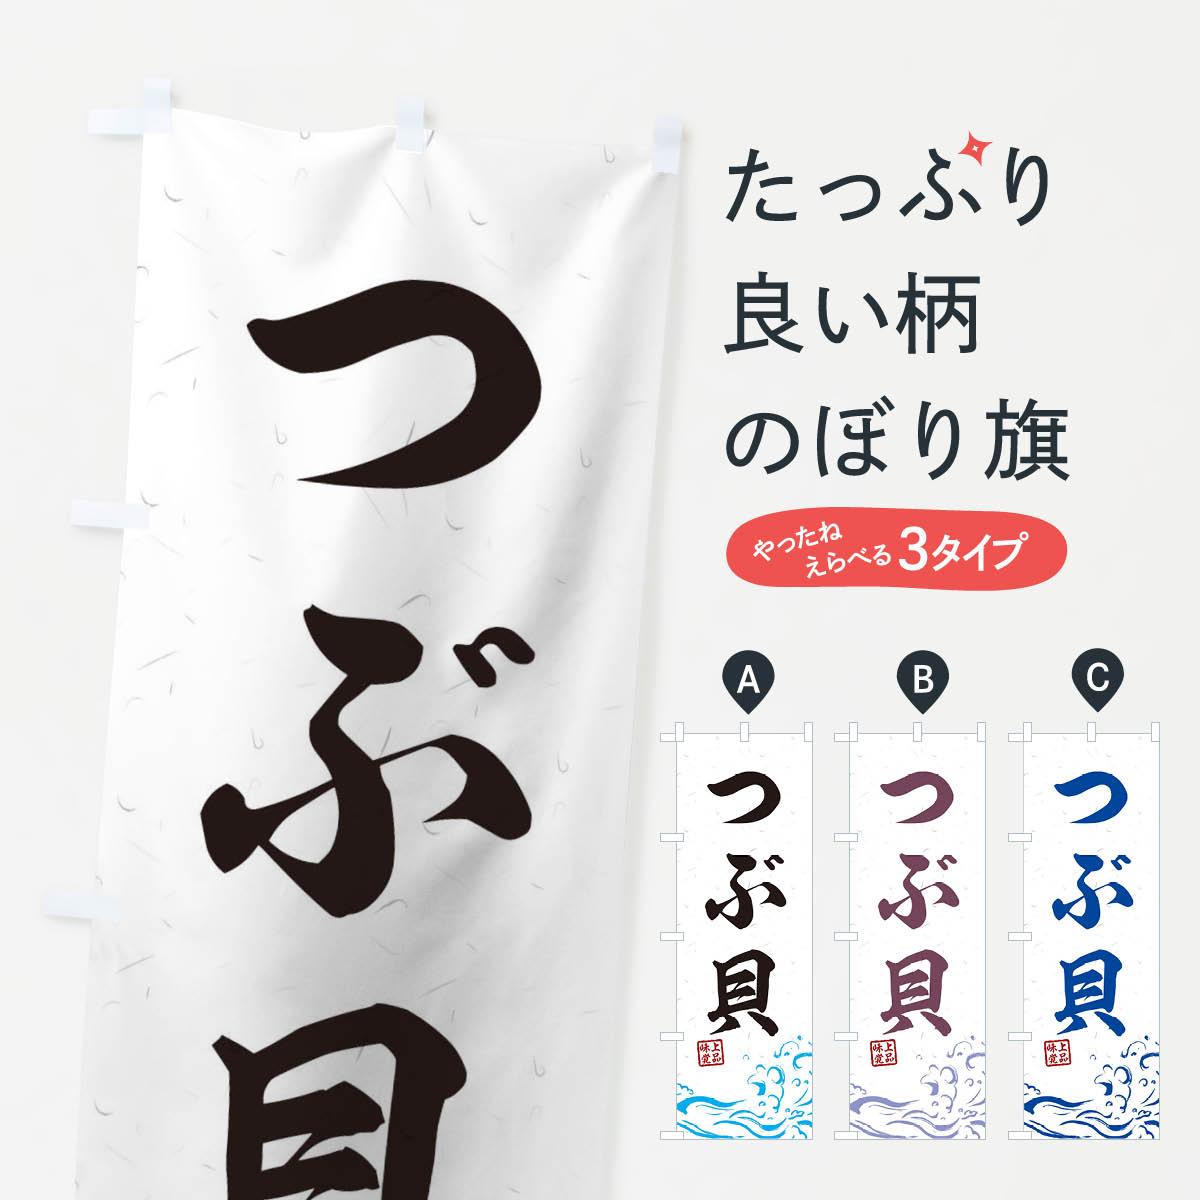 【3980送料無料】 のぼり旗 つぶ貝のぼり 魚介名